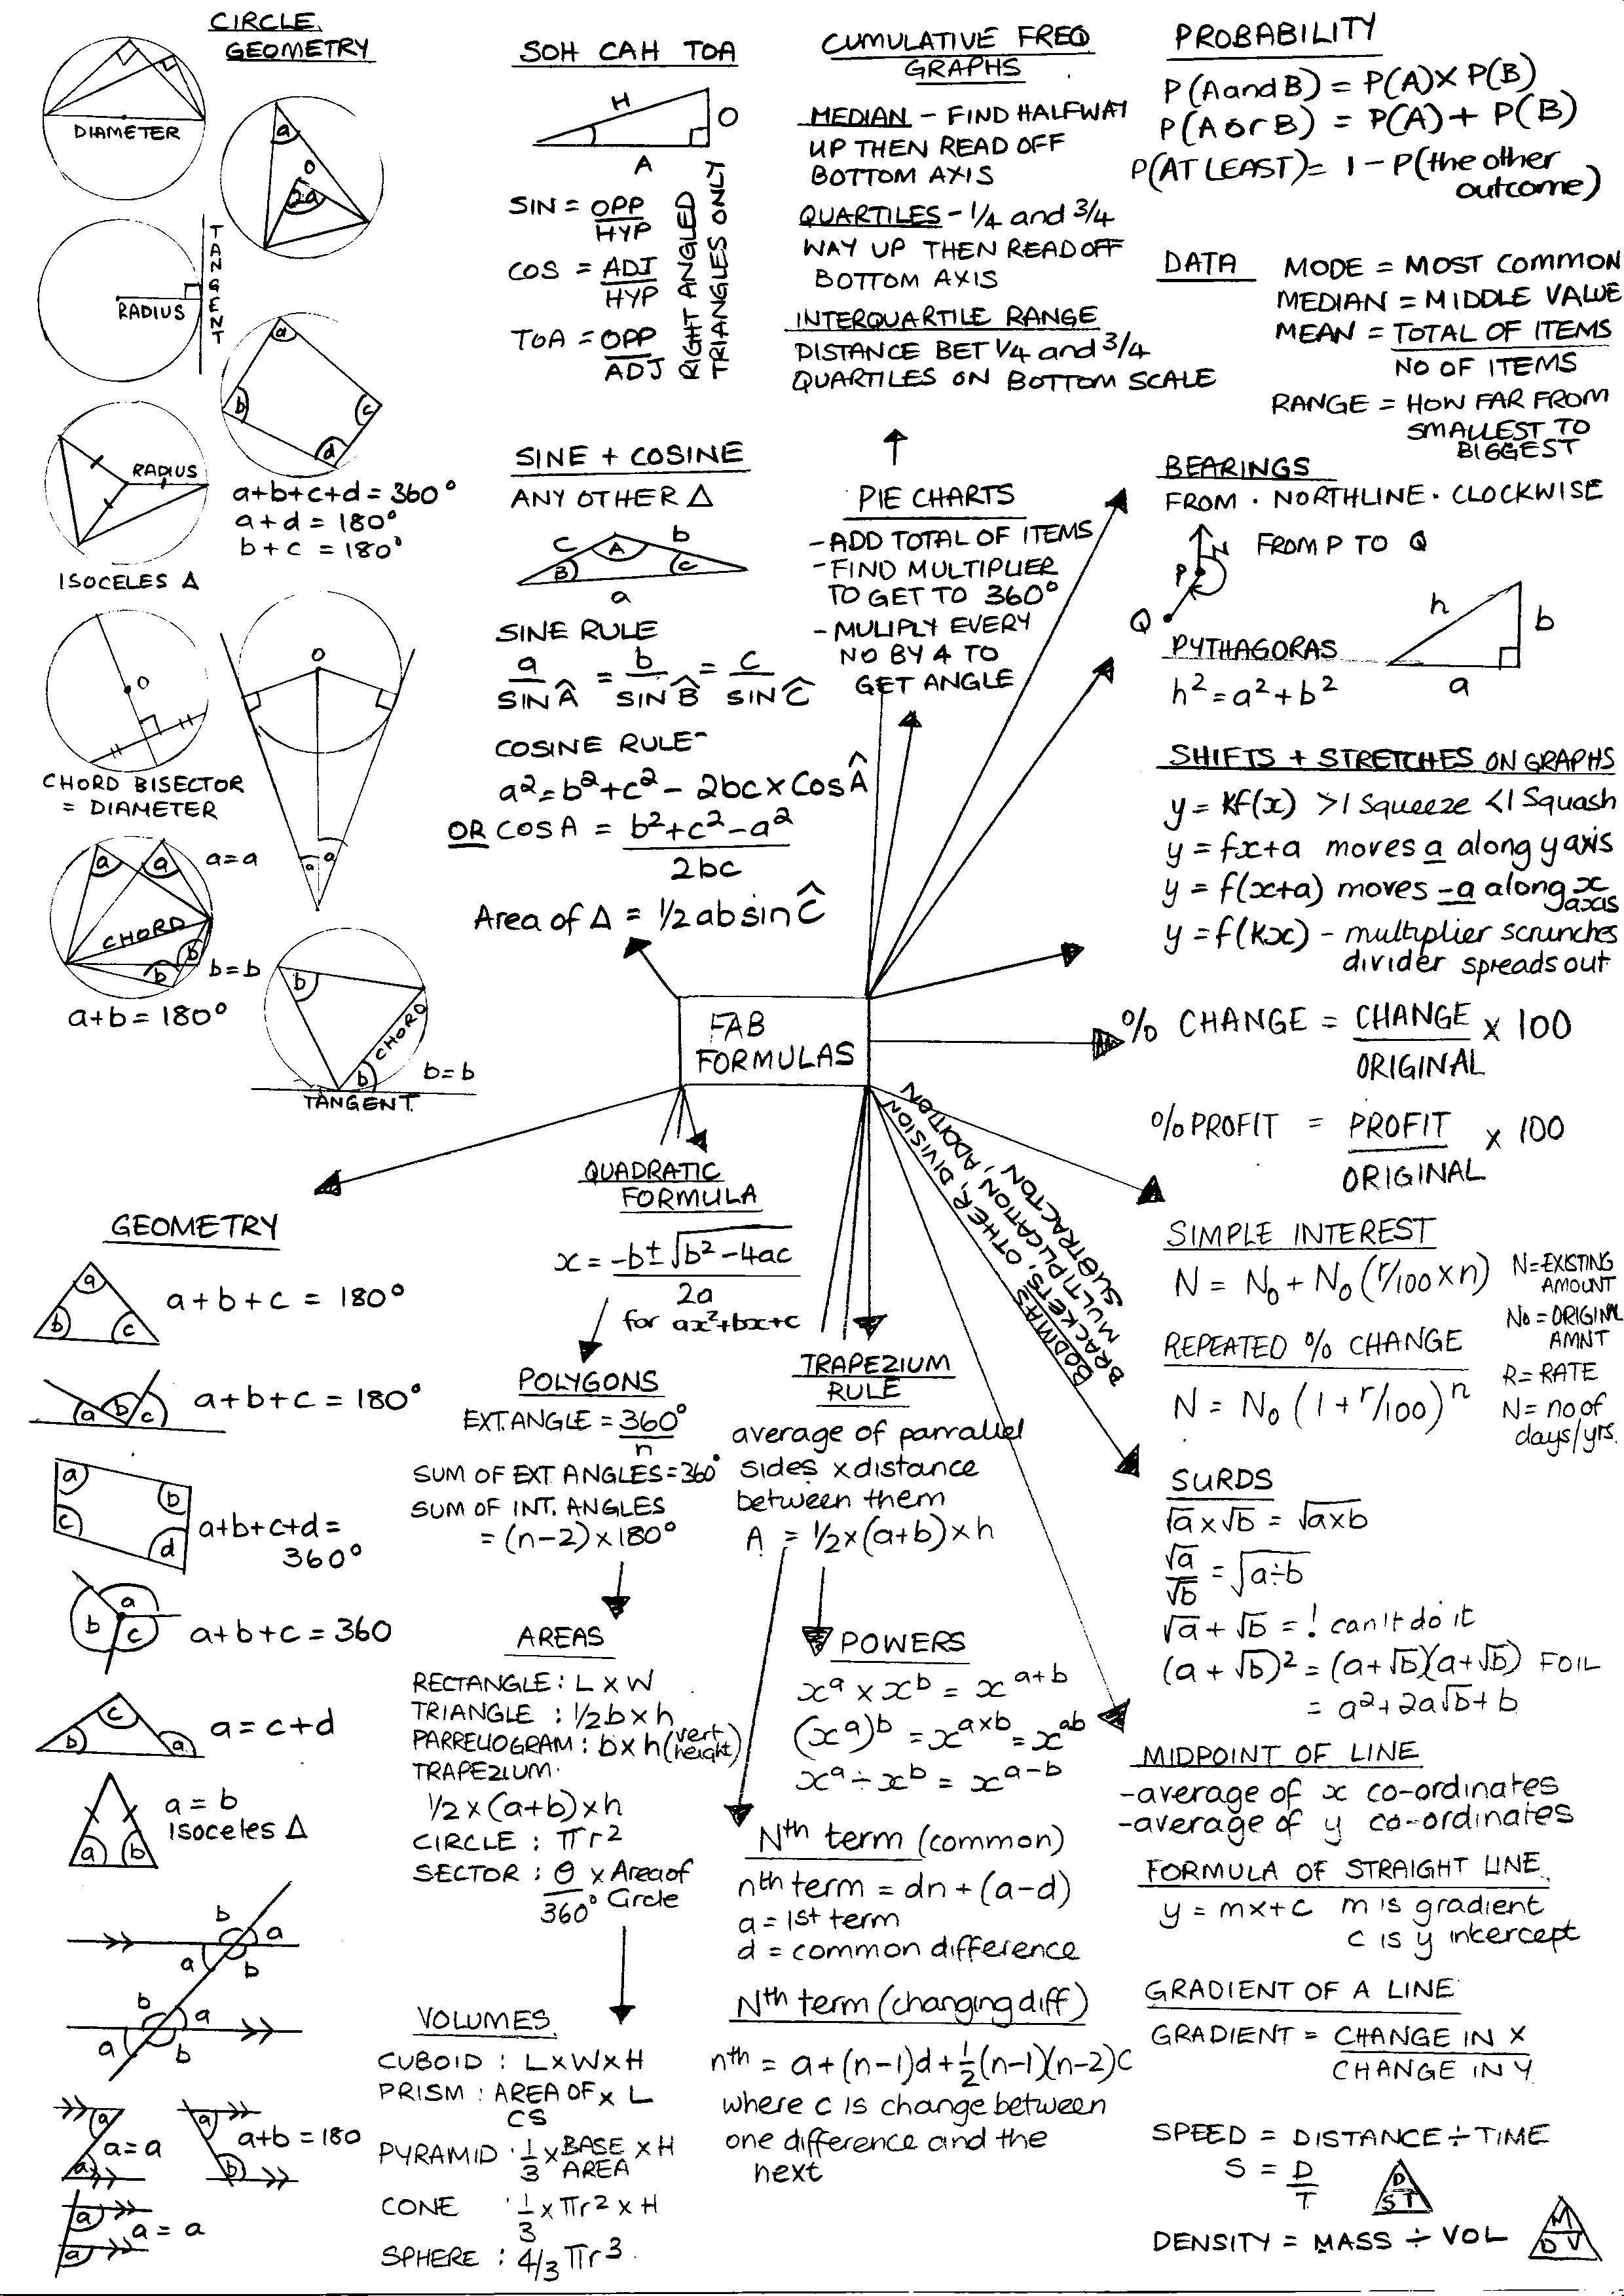 gcse maths revision resources math gcse maths revision gcse math gcse revision. Black Bedroom Furniture Sets. Home Design Ideas